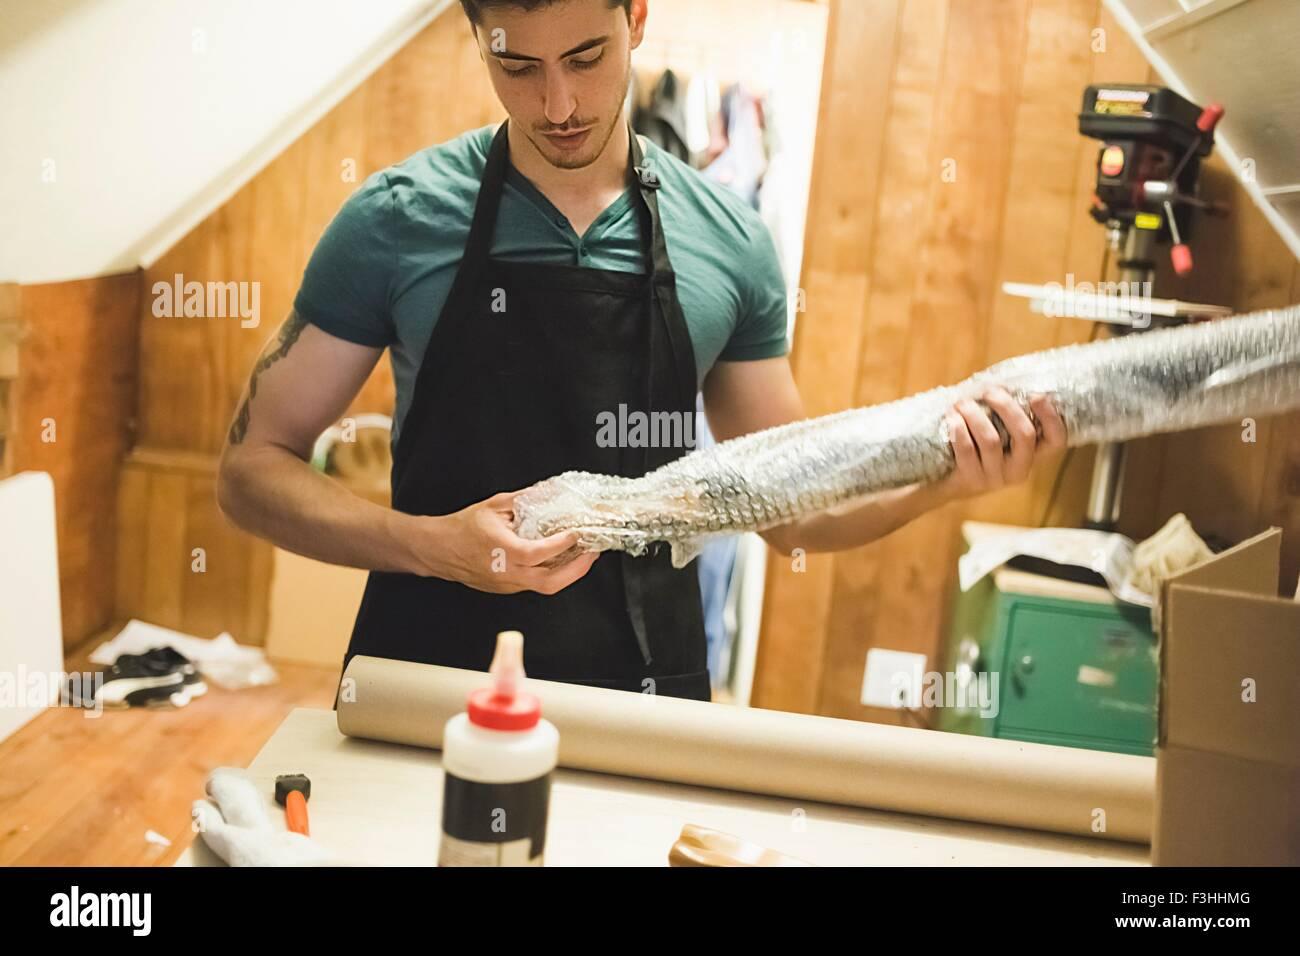 Giovane uomo utilizzando Bubble wrap per preparare il pacco per la consegna Immagini Stock